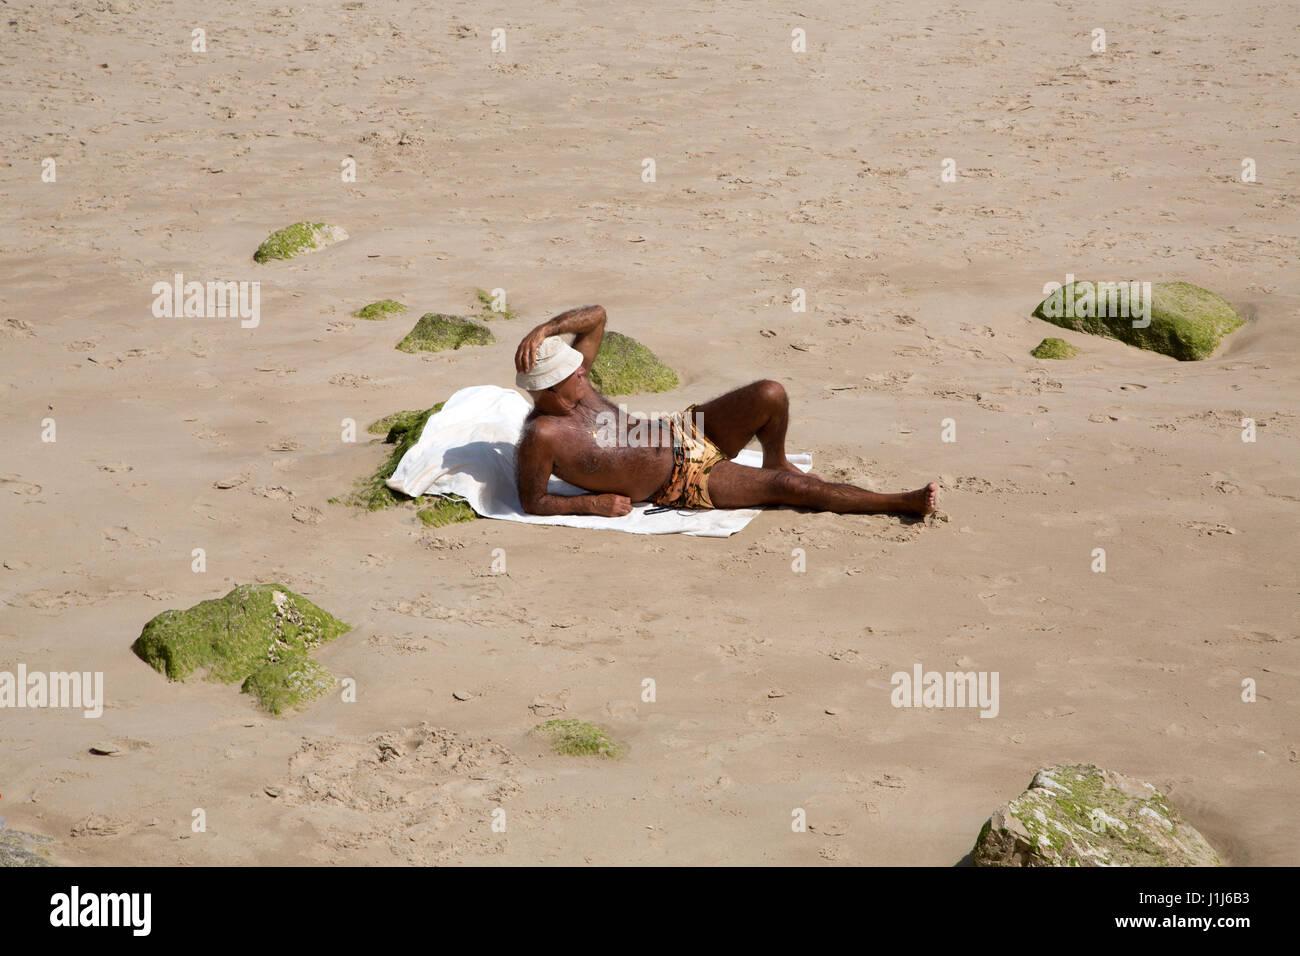 An older man sunbathing on Cascais beach, Lisbon, Portugal. - Stock Image